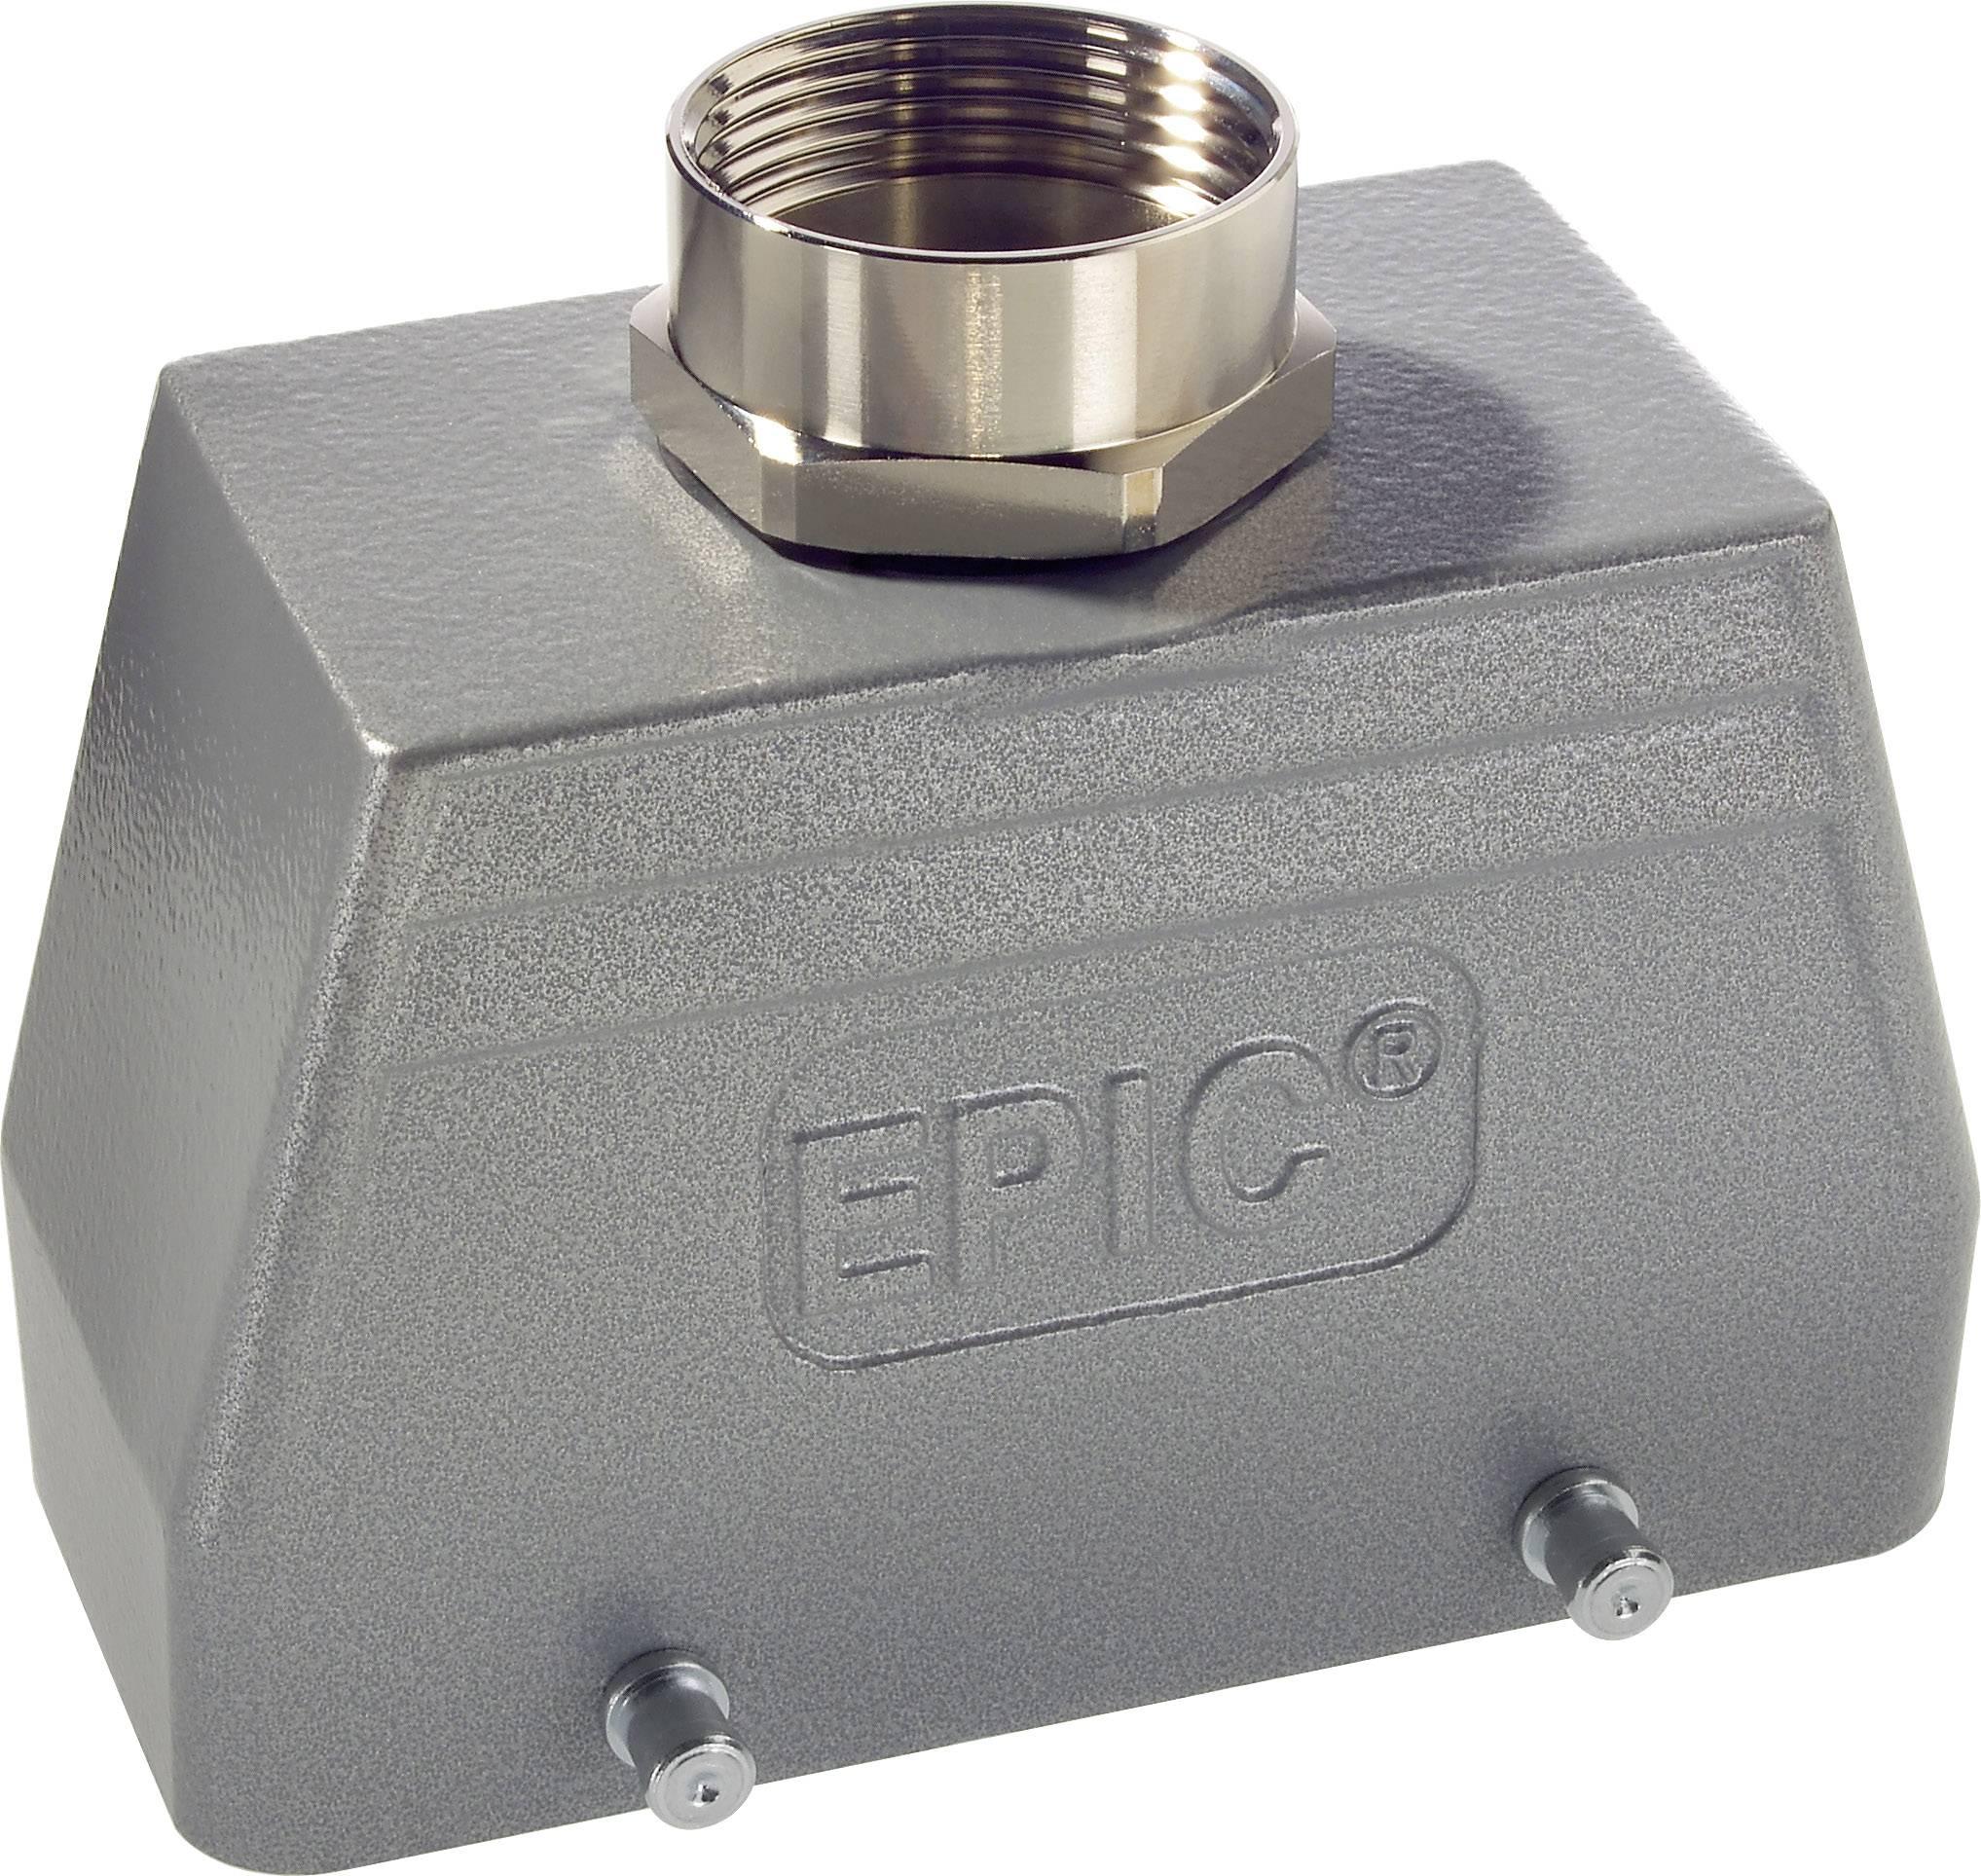 Pouzdro LappKabel EPIC H-B 10 TG 16 ZW 10040000 10 ks